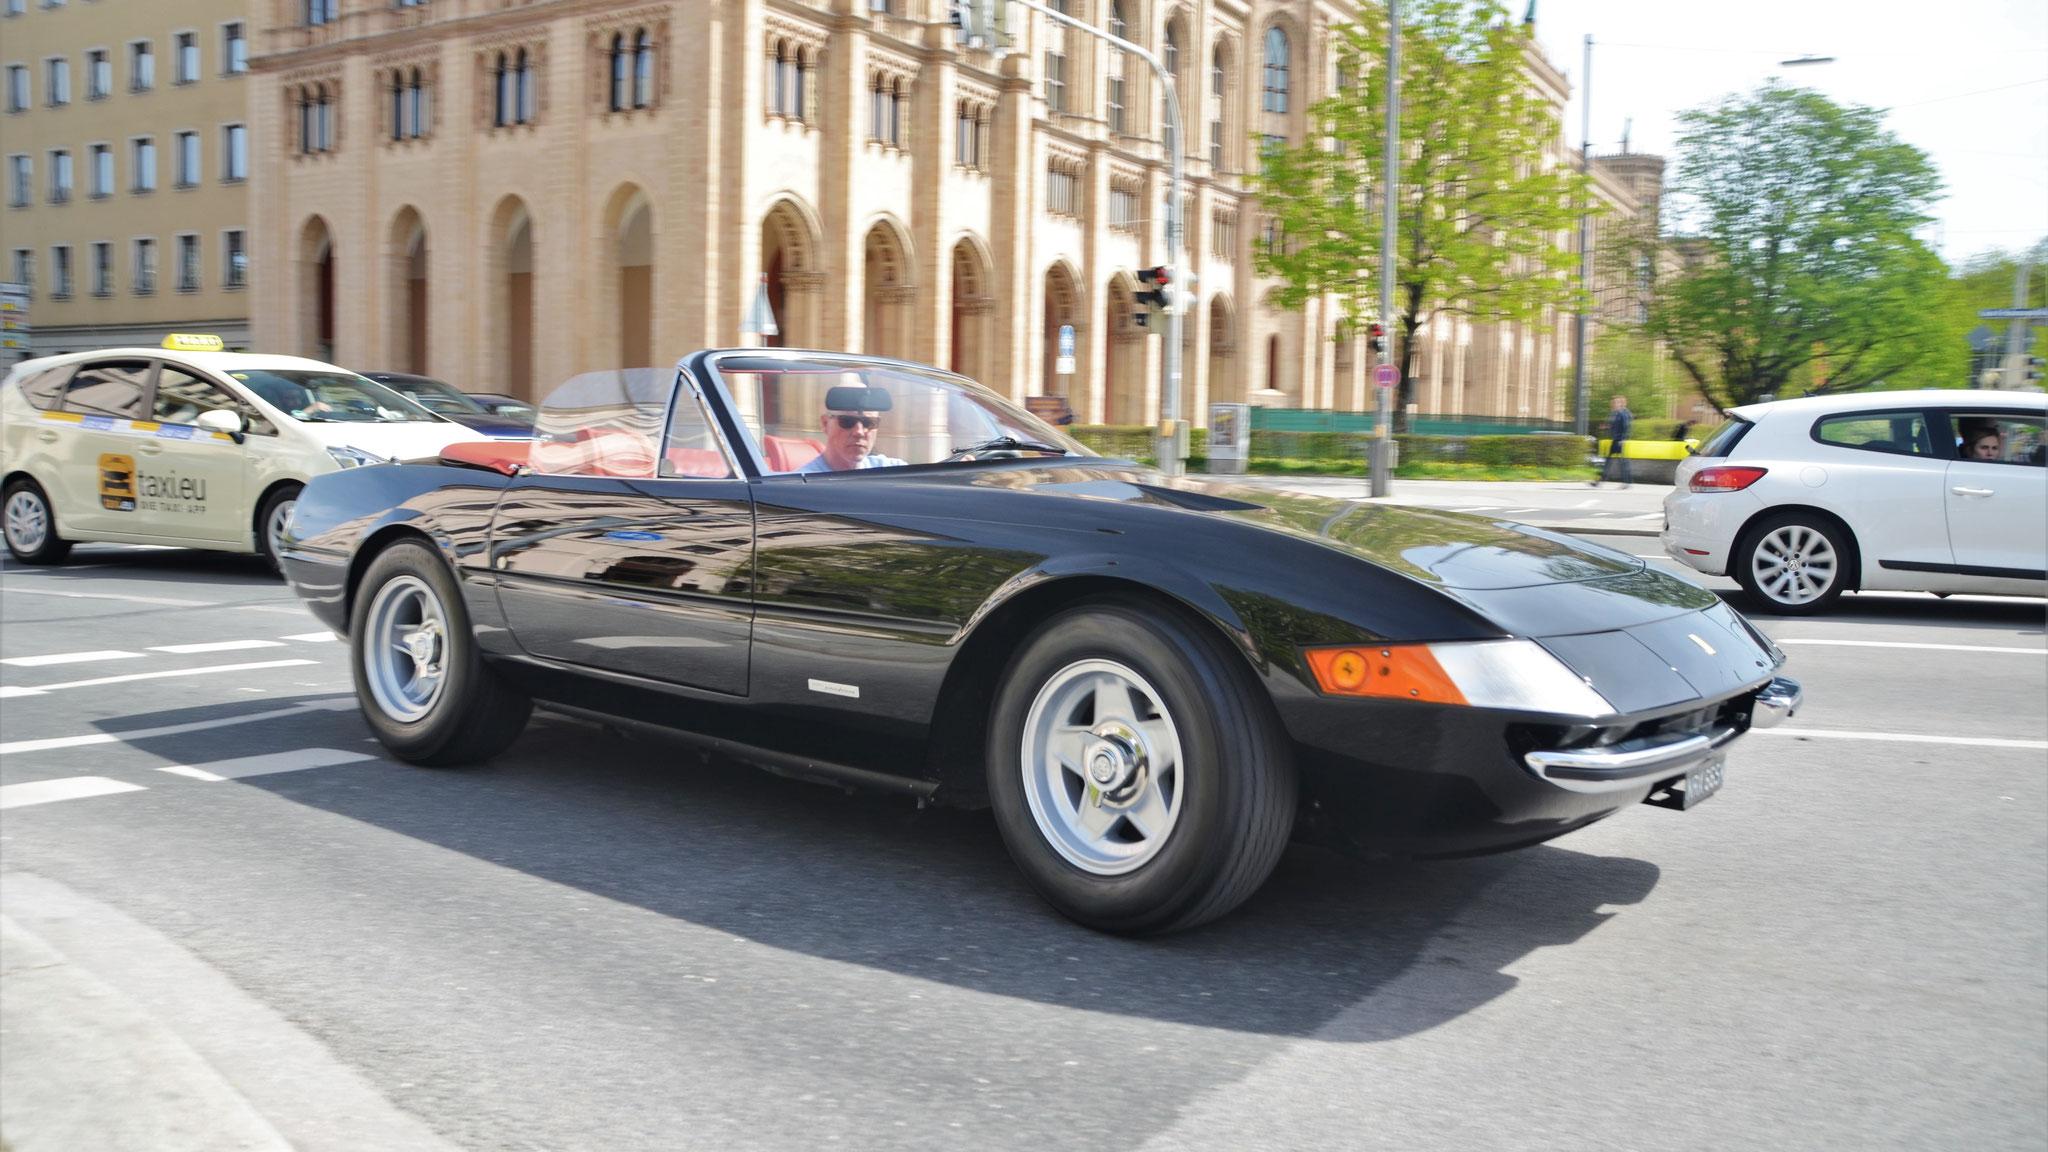 Ferrari 365 Daytona Spider (1 of 125) - NRX-665K (GB)